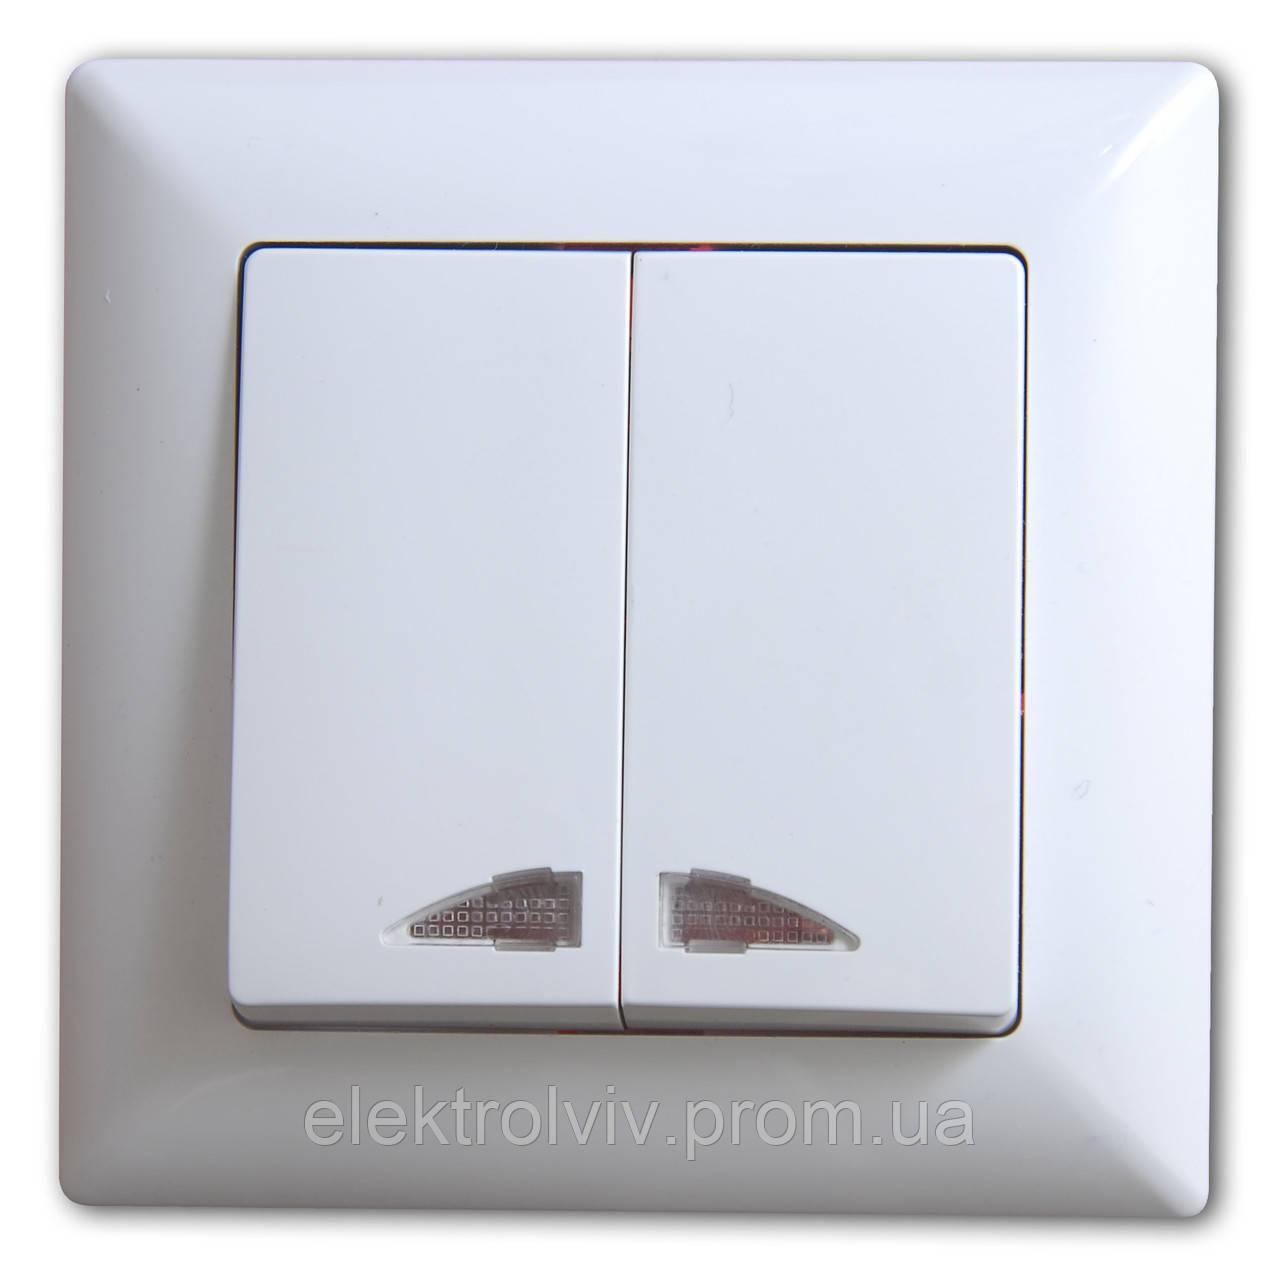 Выключатель 2-кл. с подсветкой